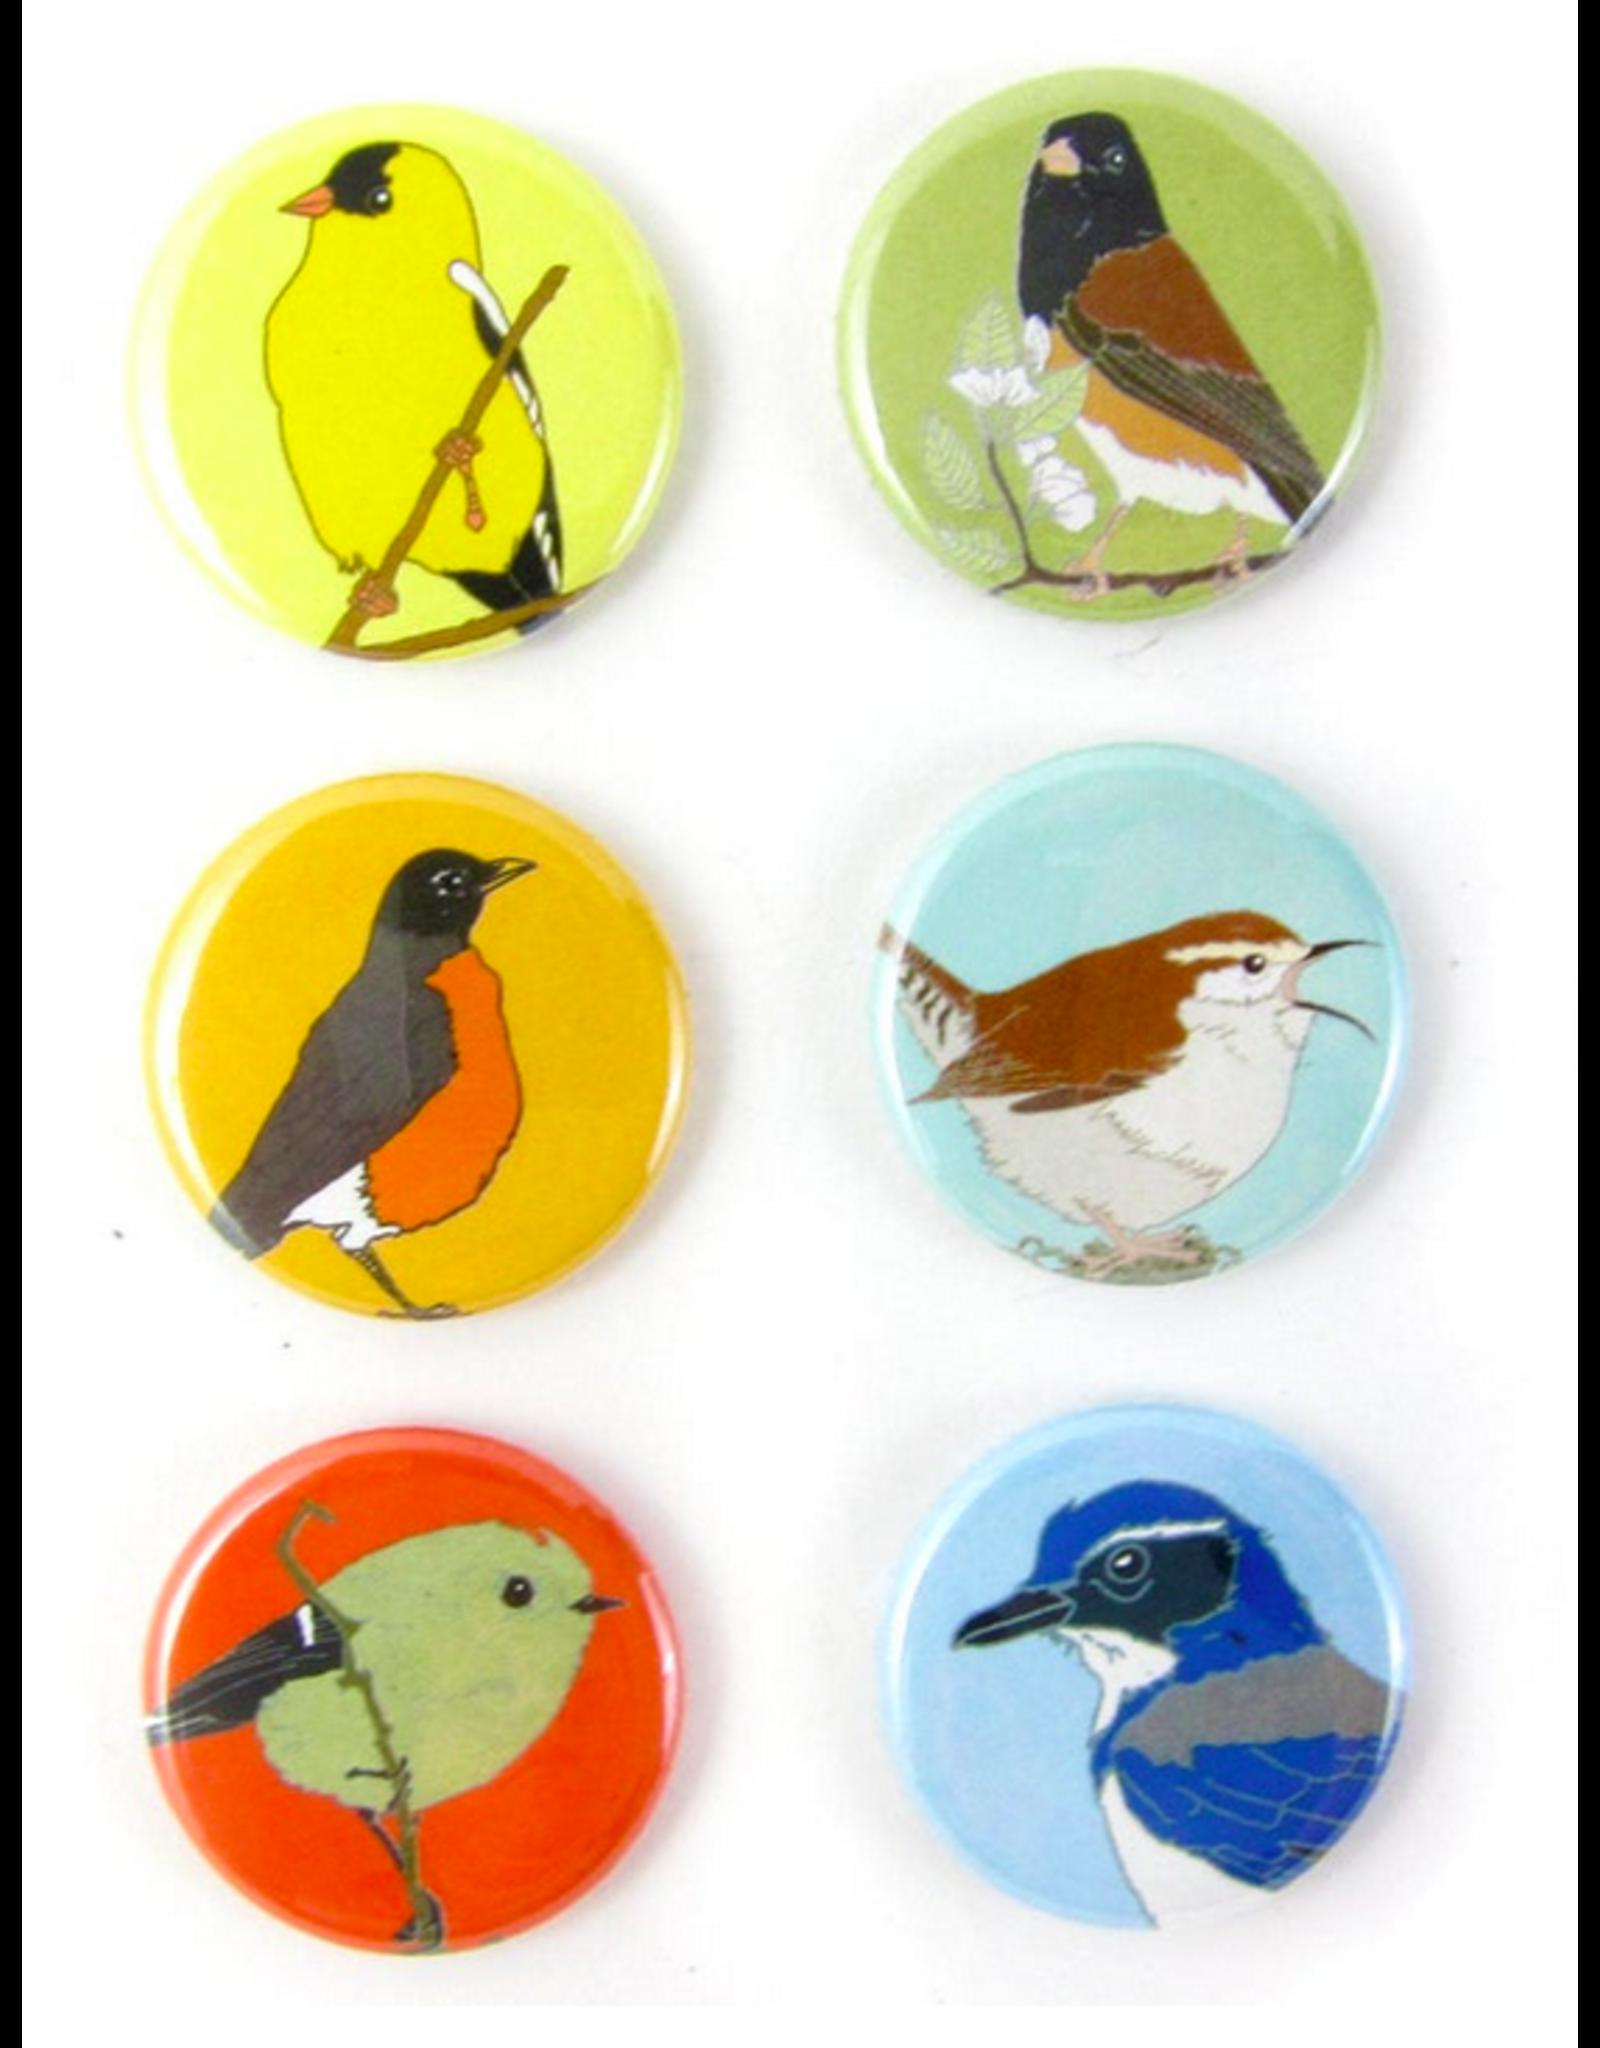 Bird vs Bird Birds - Western Backyard - Coaster Set